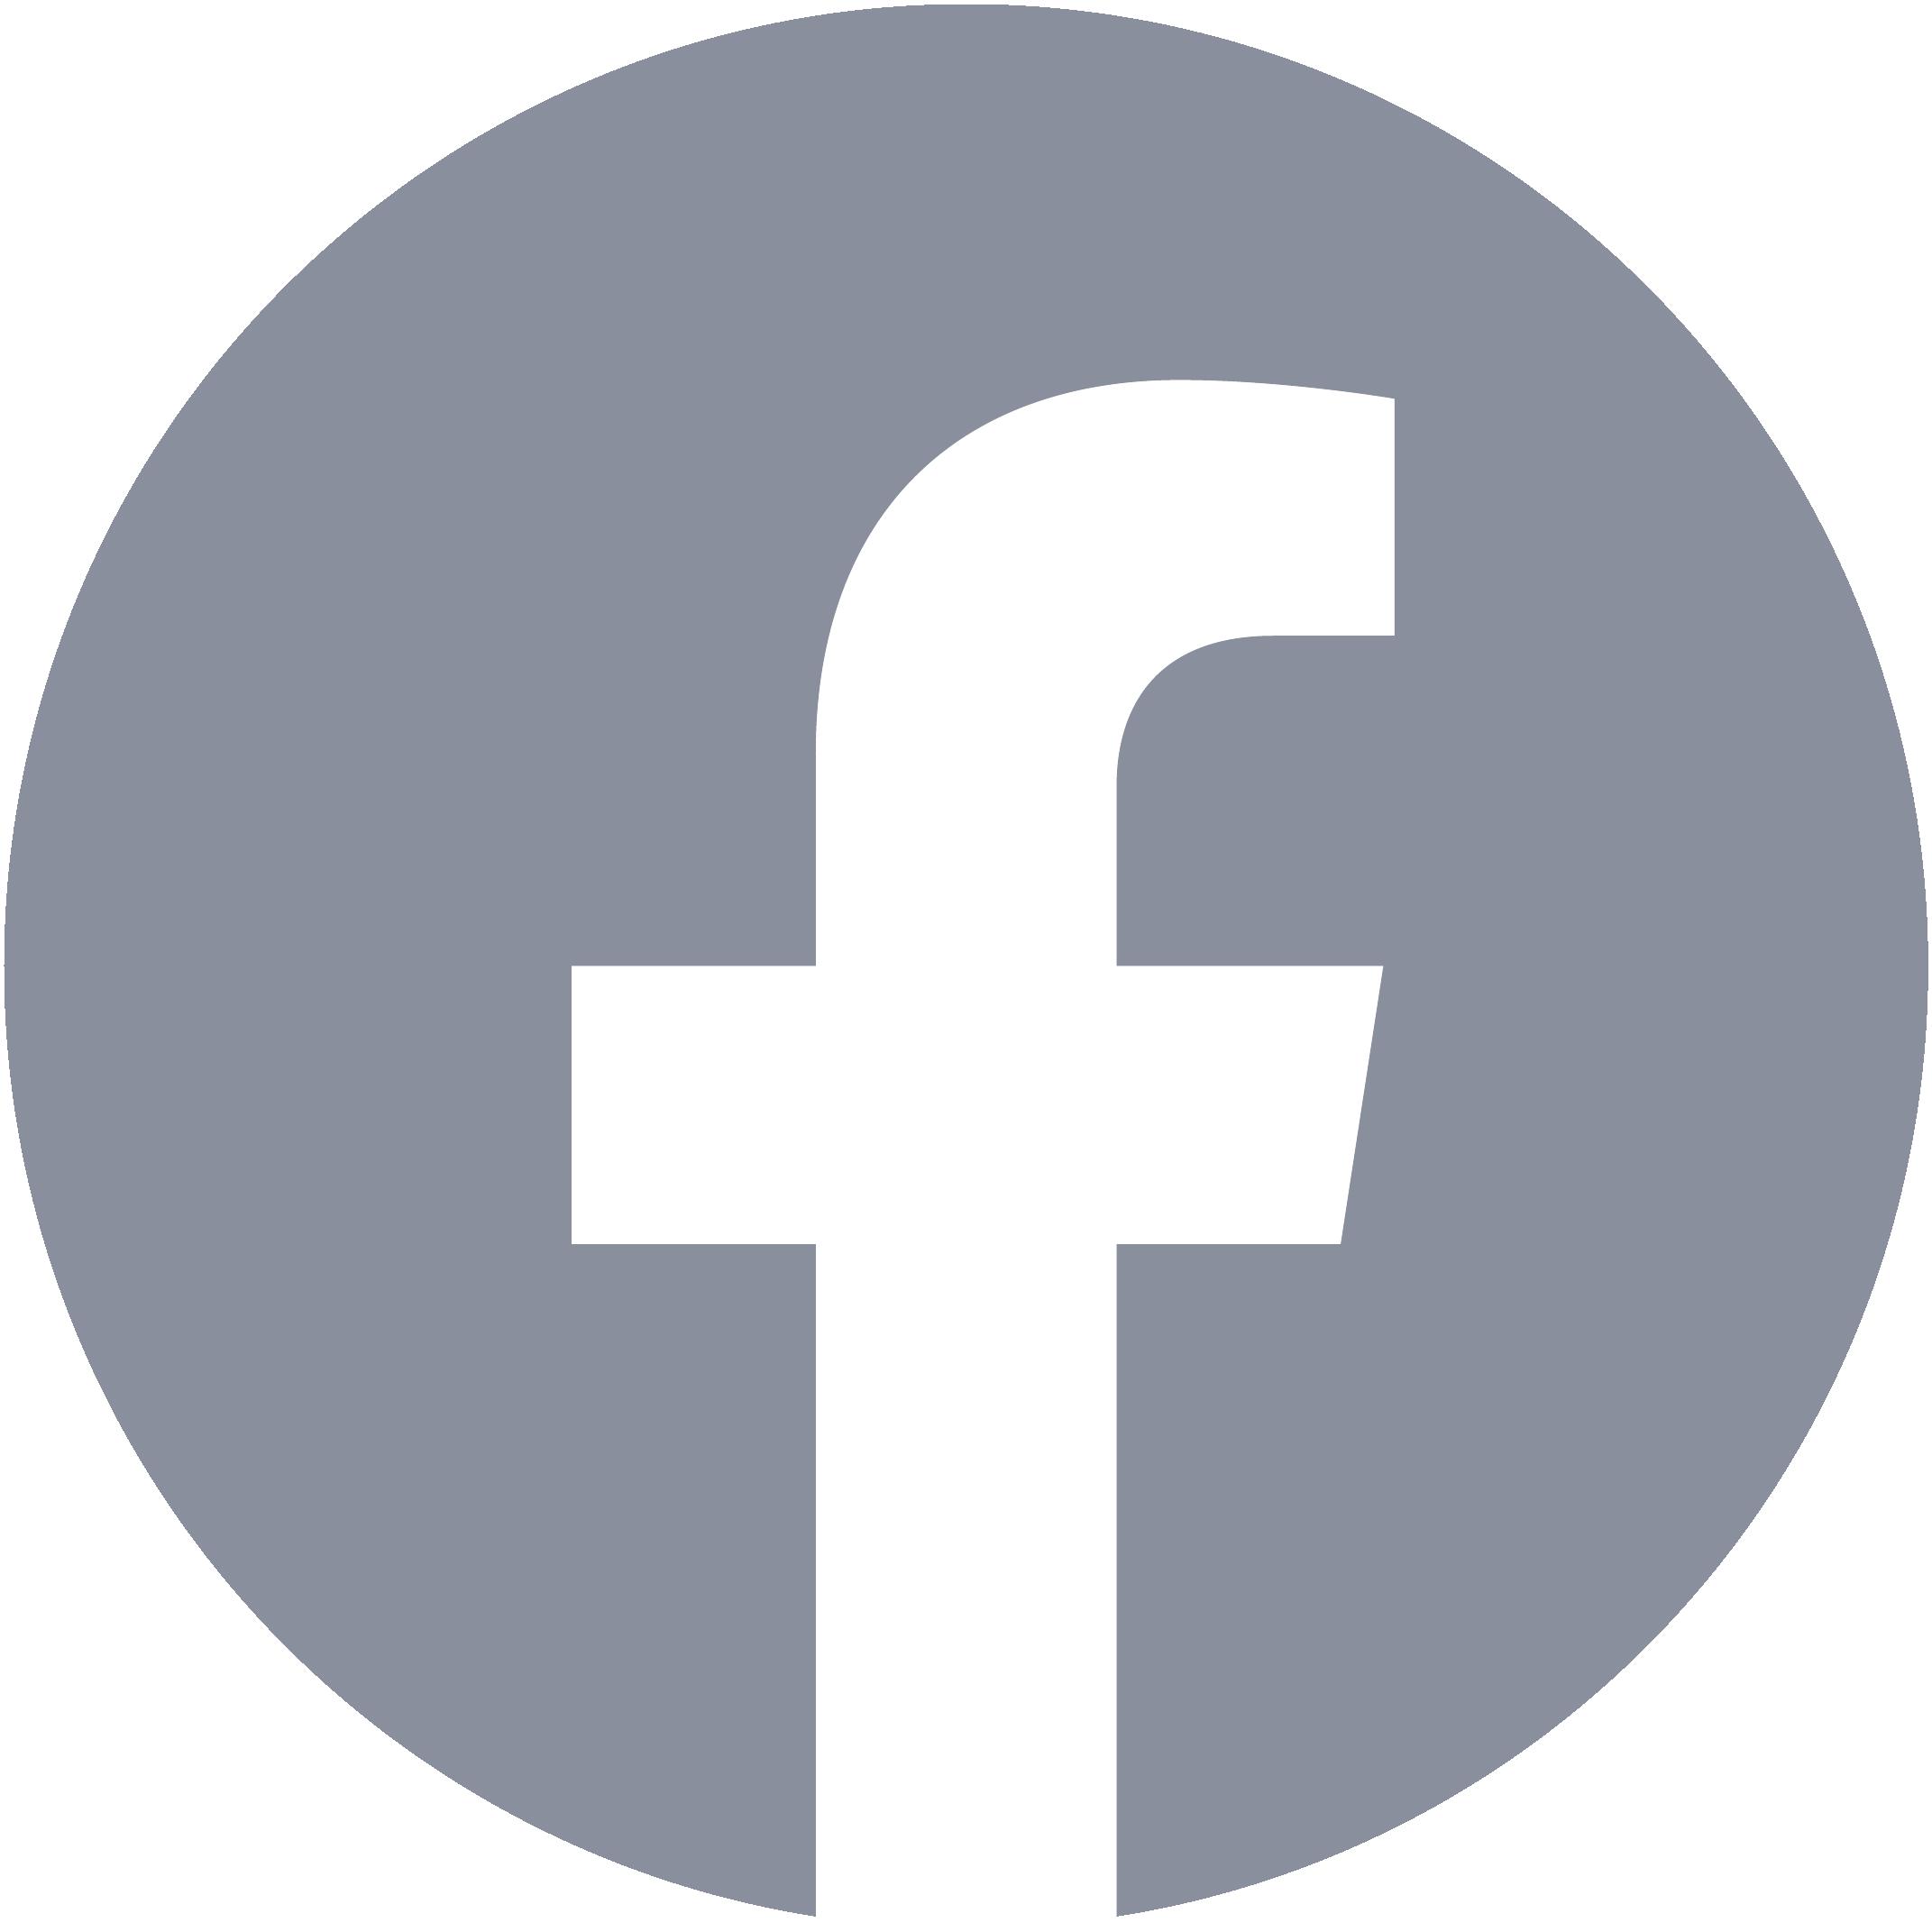 Sollingglas auf Facebook